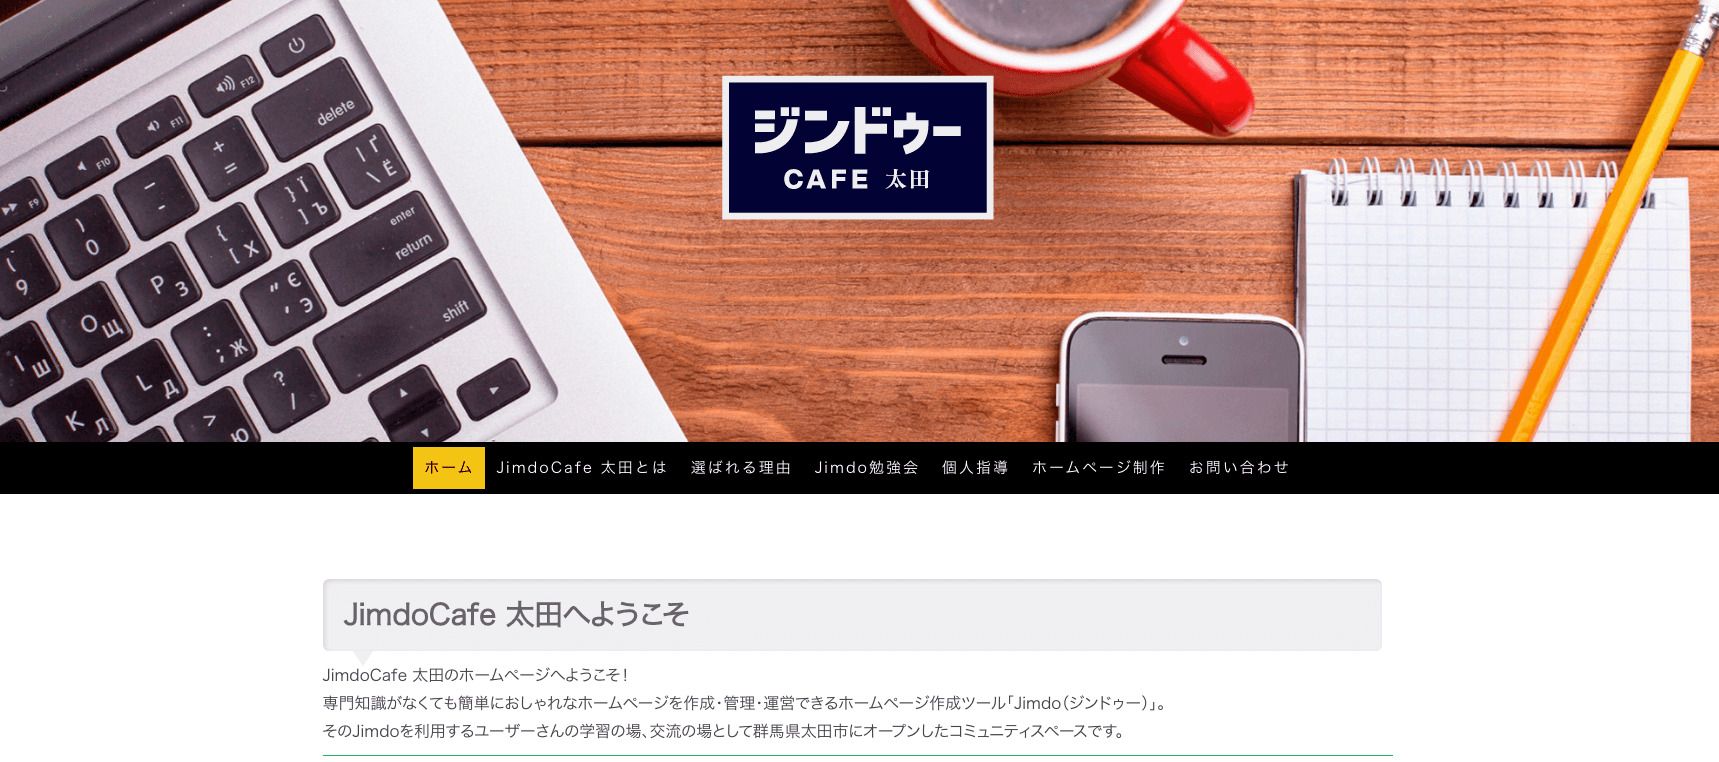 Jimdoの駆け込み寺「Jimdo Cafe太田」にいつでも相談することができます。